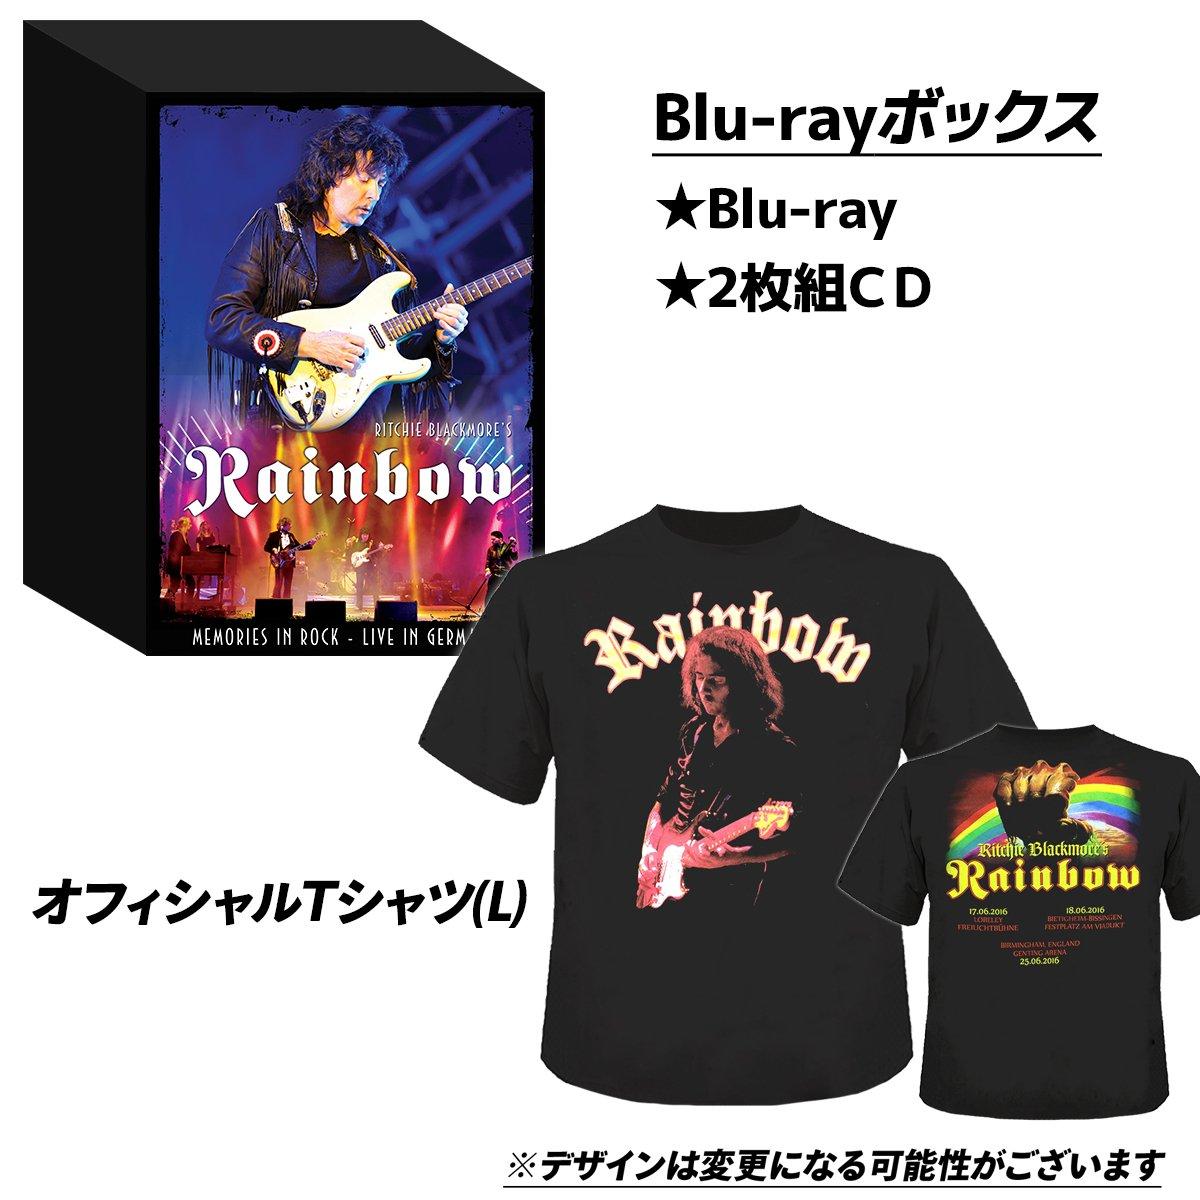 【第31回日本ゴールドディスク大賞|ベストミュージックビデオ 洋楽受賞】リッチーブラックモアズレインボー 『メモリーズインロック ライヴアットモンスターズオブロック2016』【完全生産限定Blu-ray+2枚組CD+Tシャツ[Lサイズのみ](日本盤限定ボーナストラック/日本語字幕付き/日本語解説書封入)】 B01LZ9AR9Y